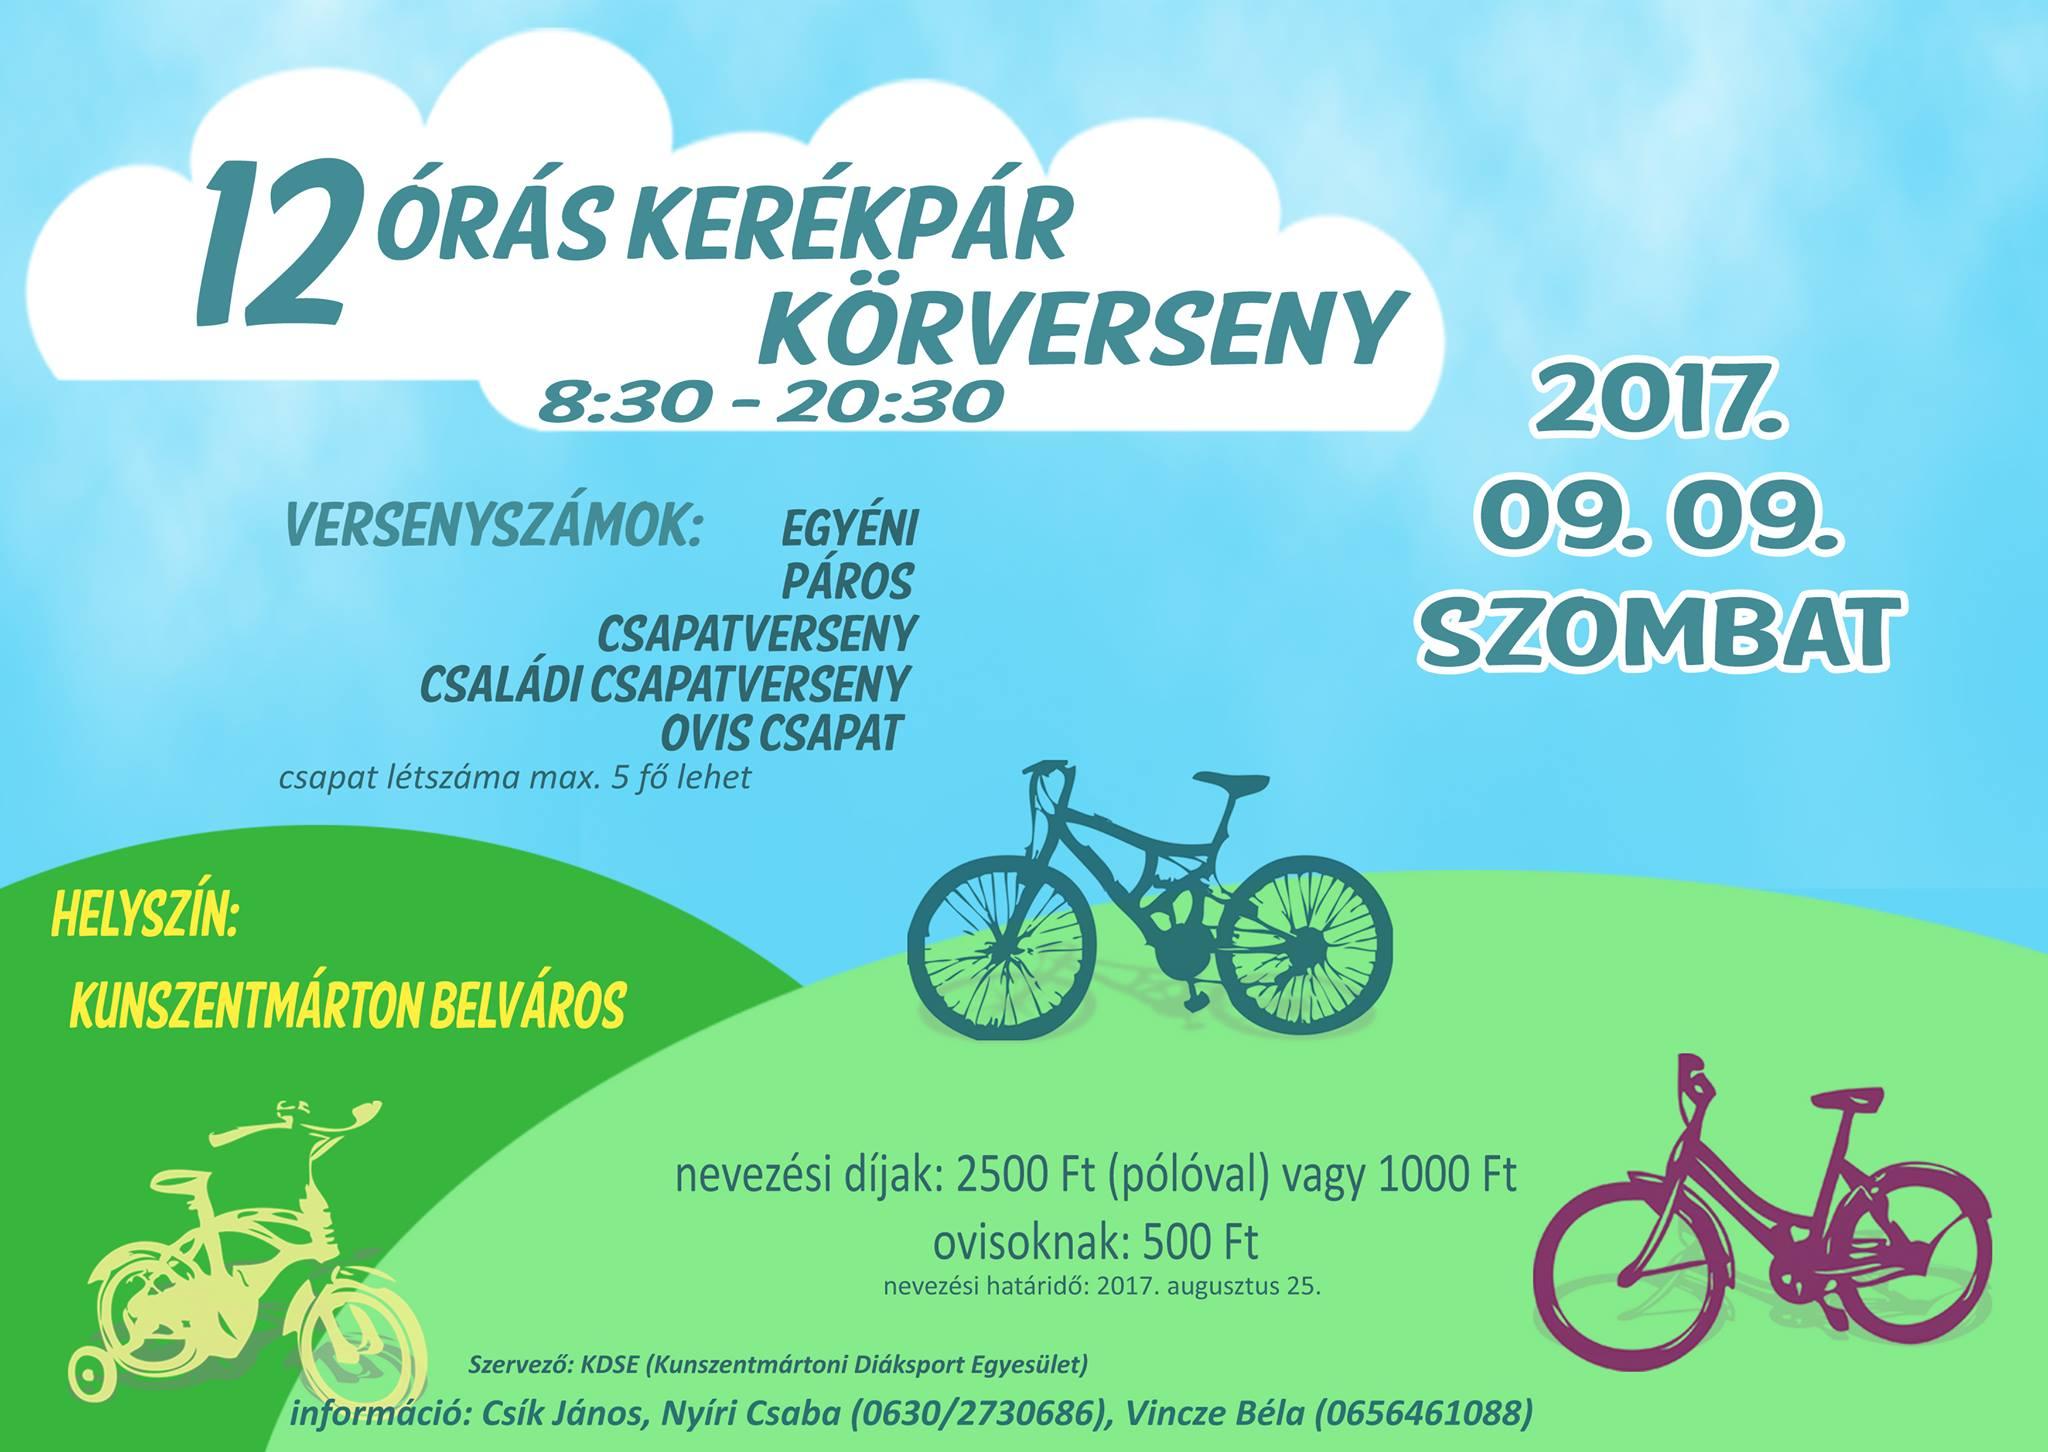 12 órás kerékpáros verseny